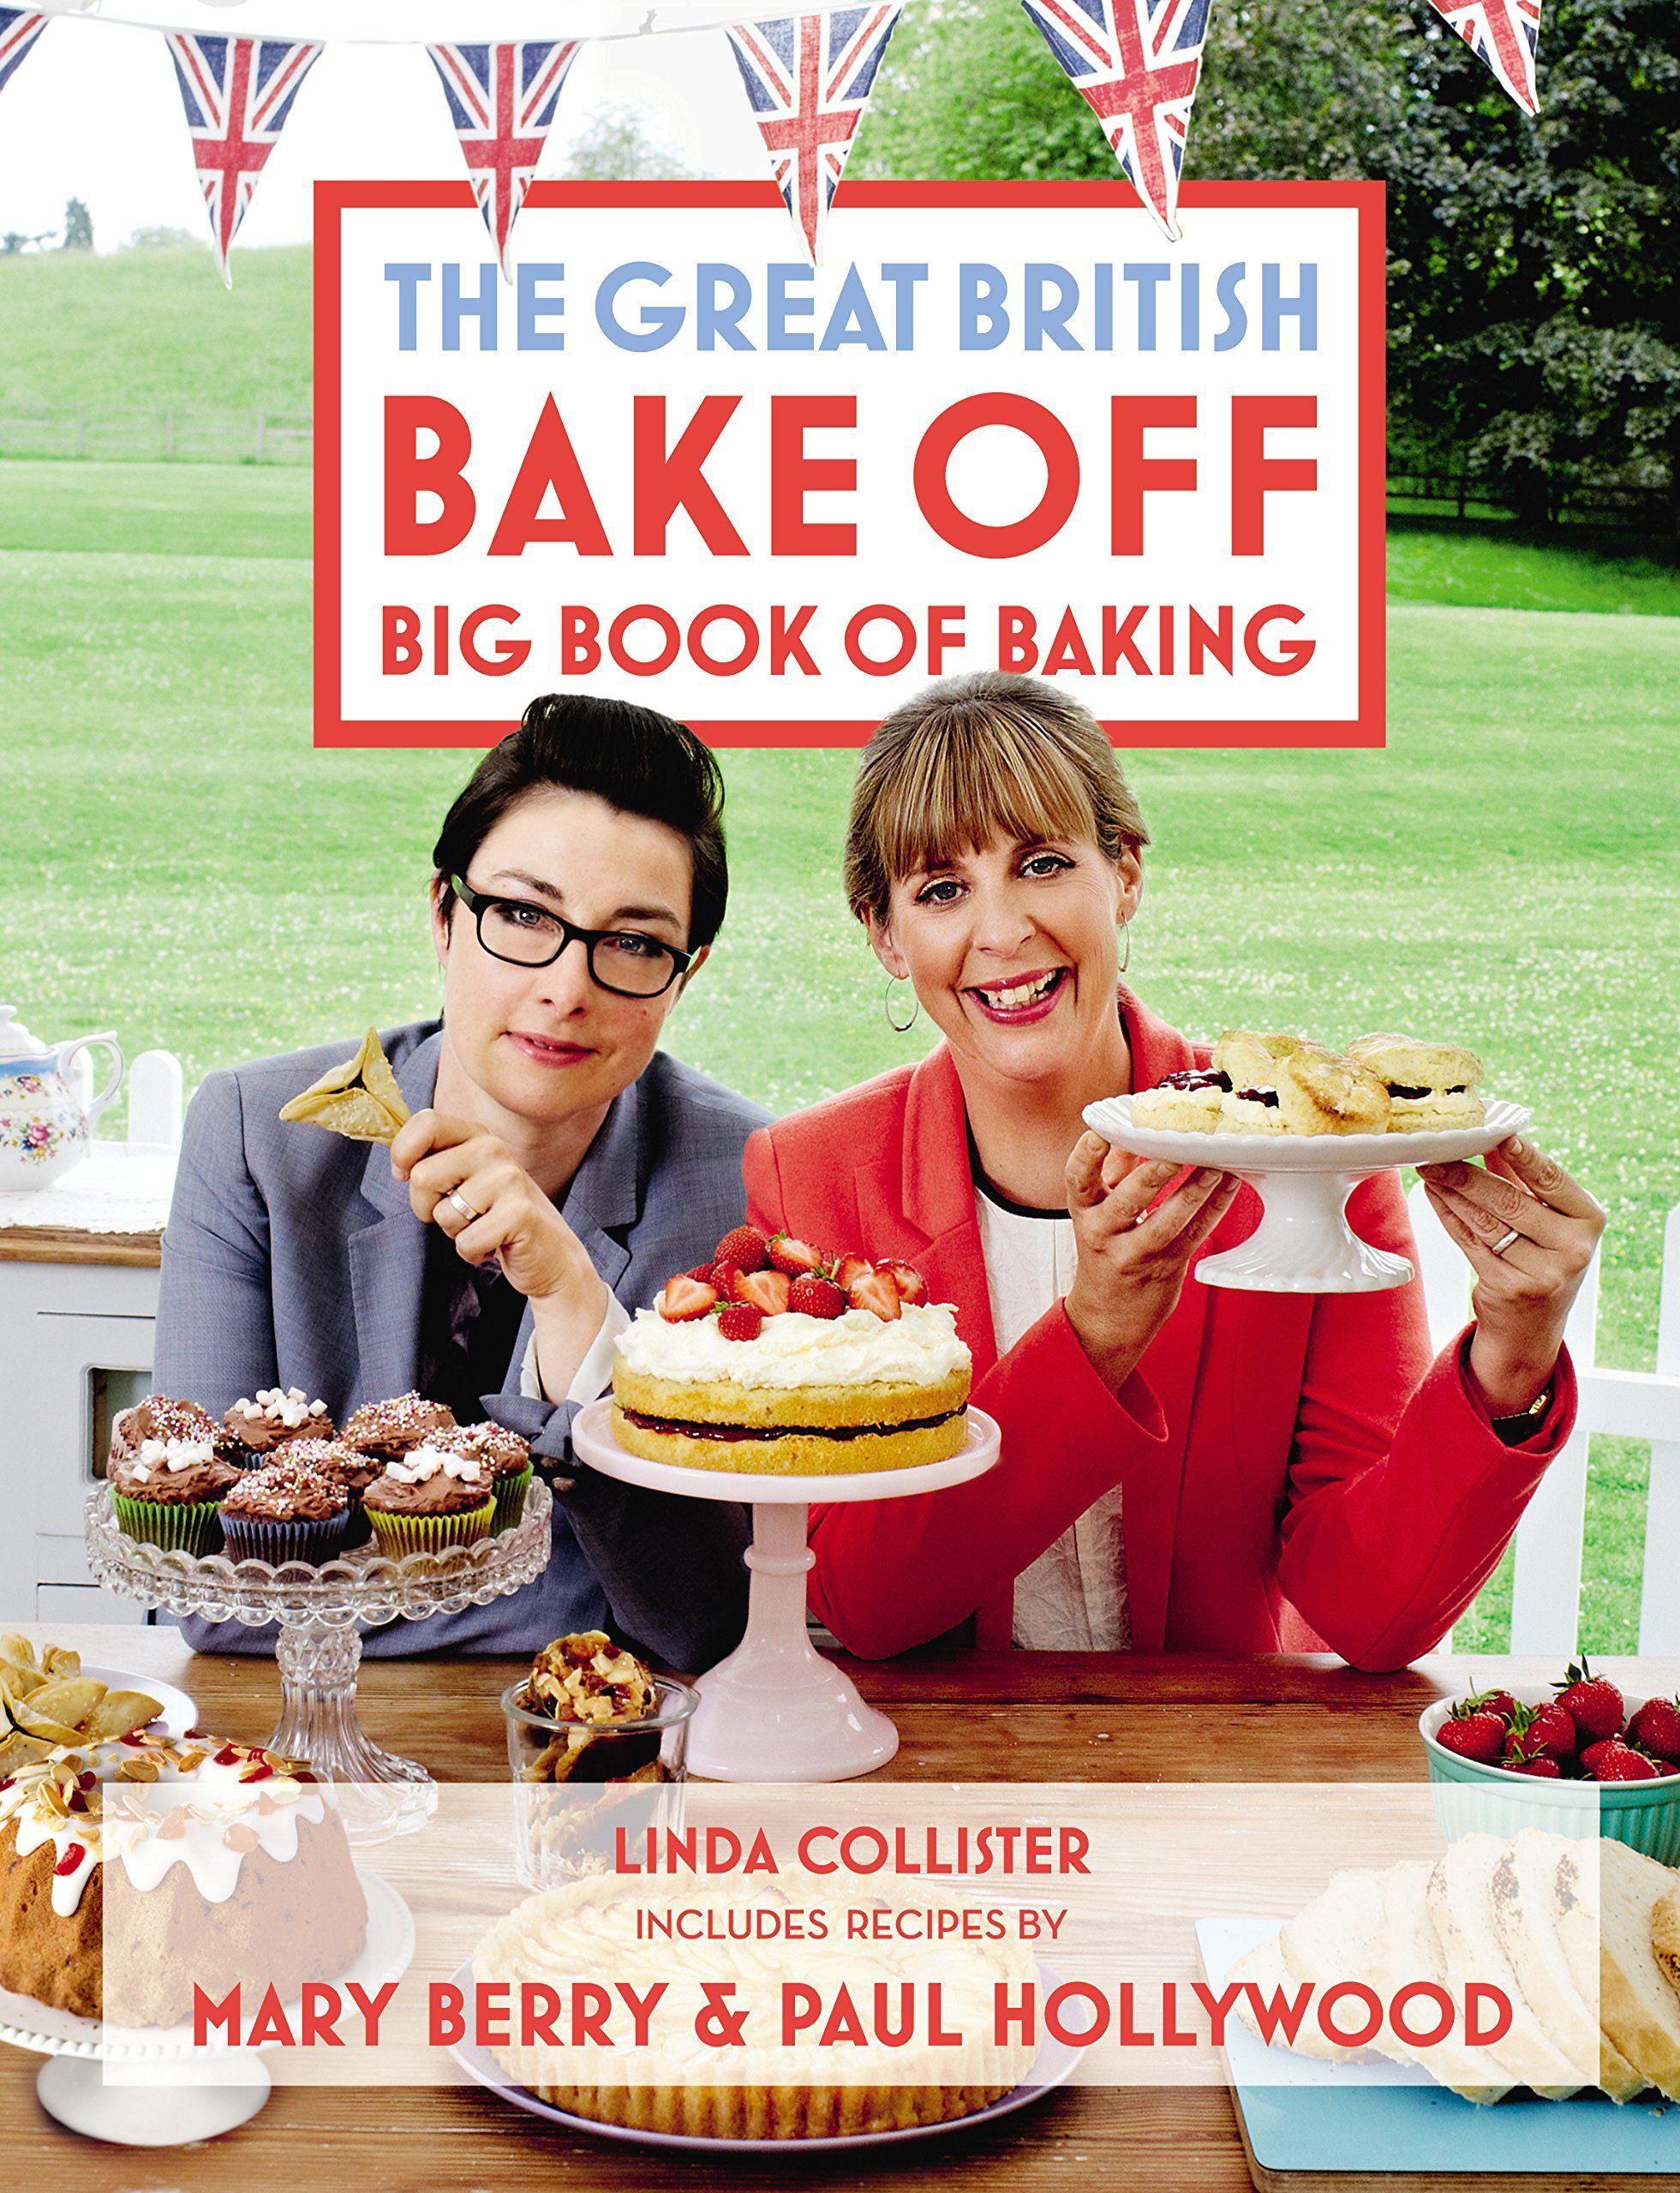 de nieuwste boek van The gerat britsh bake off